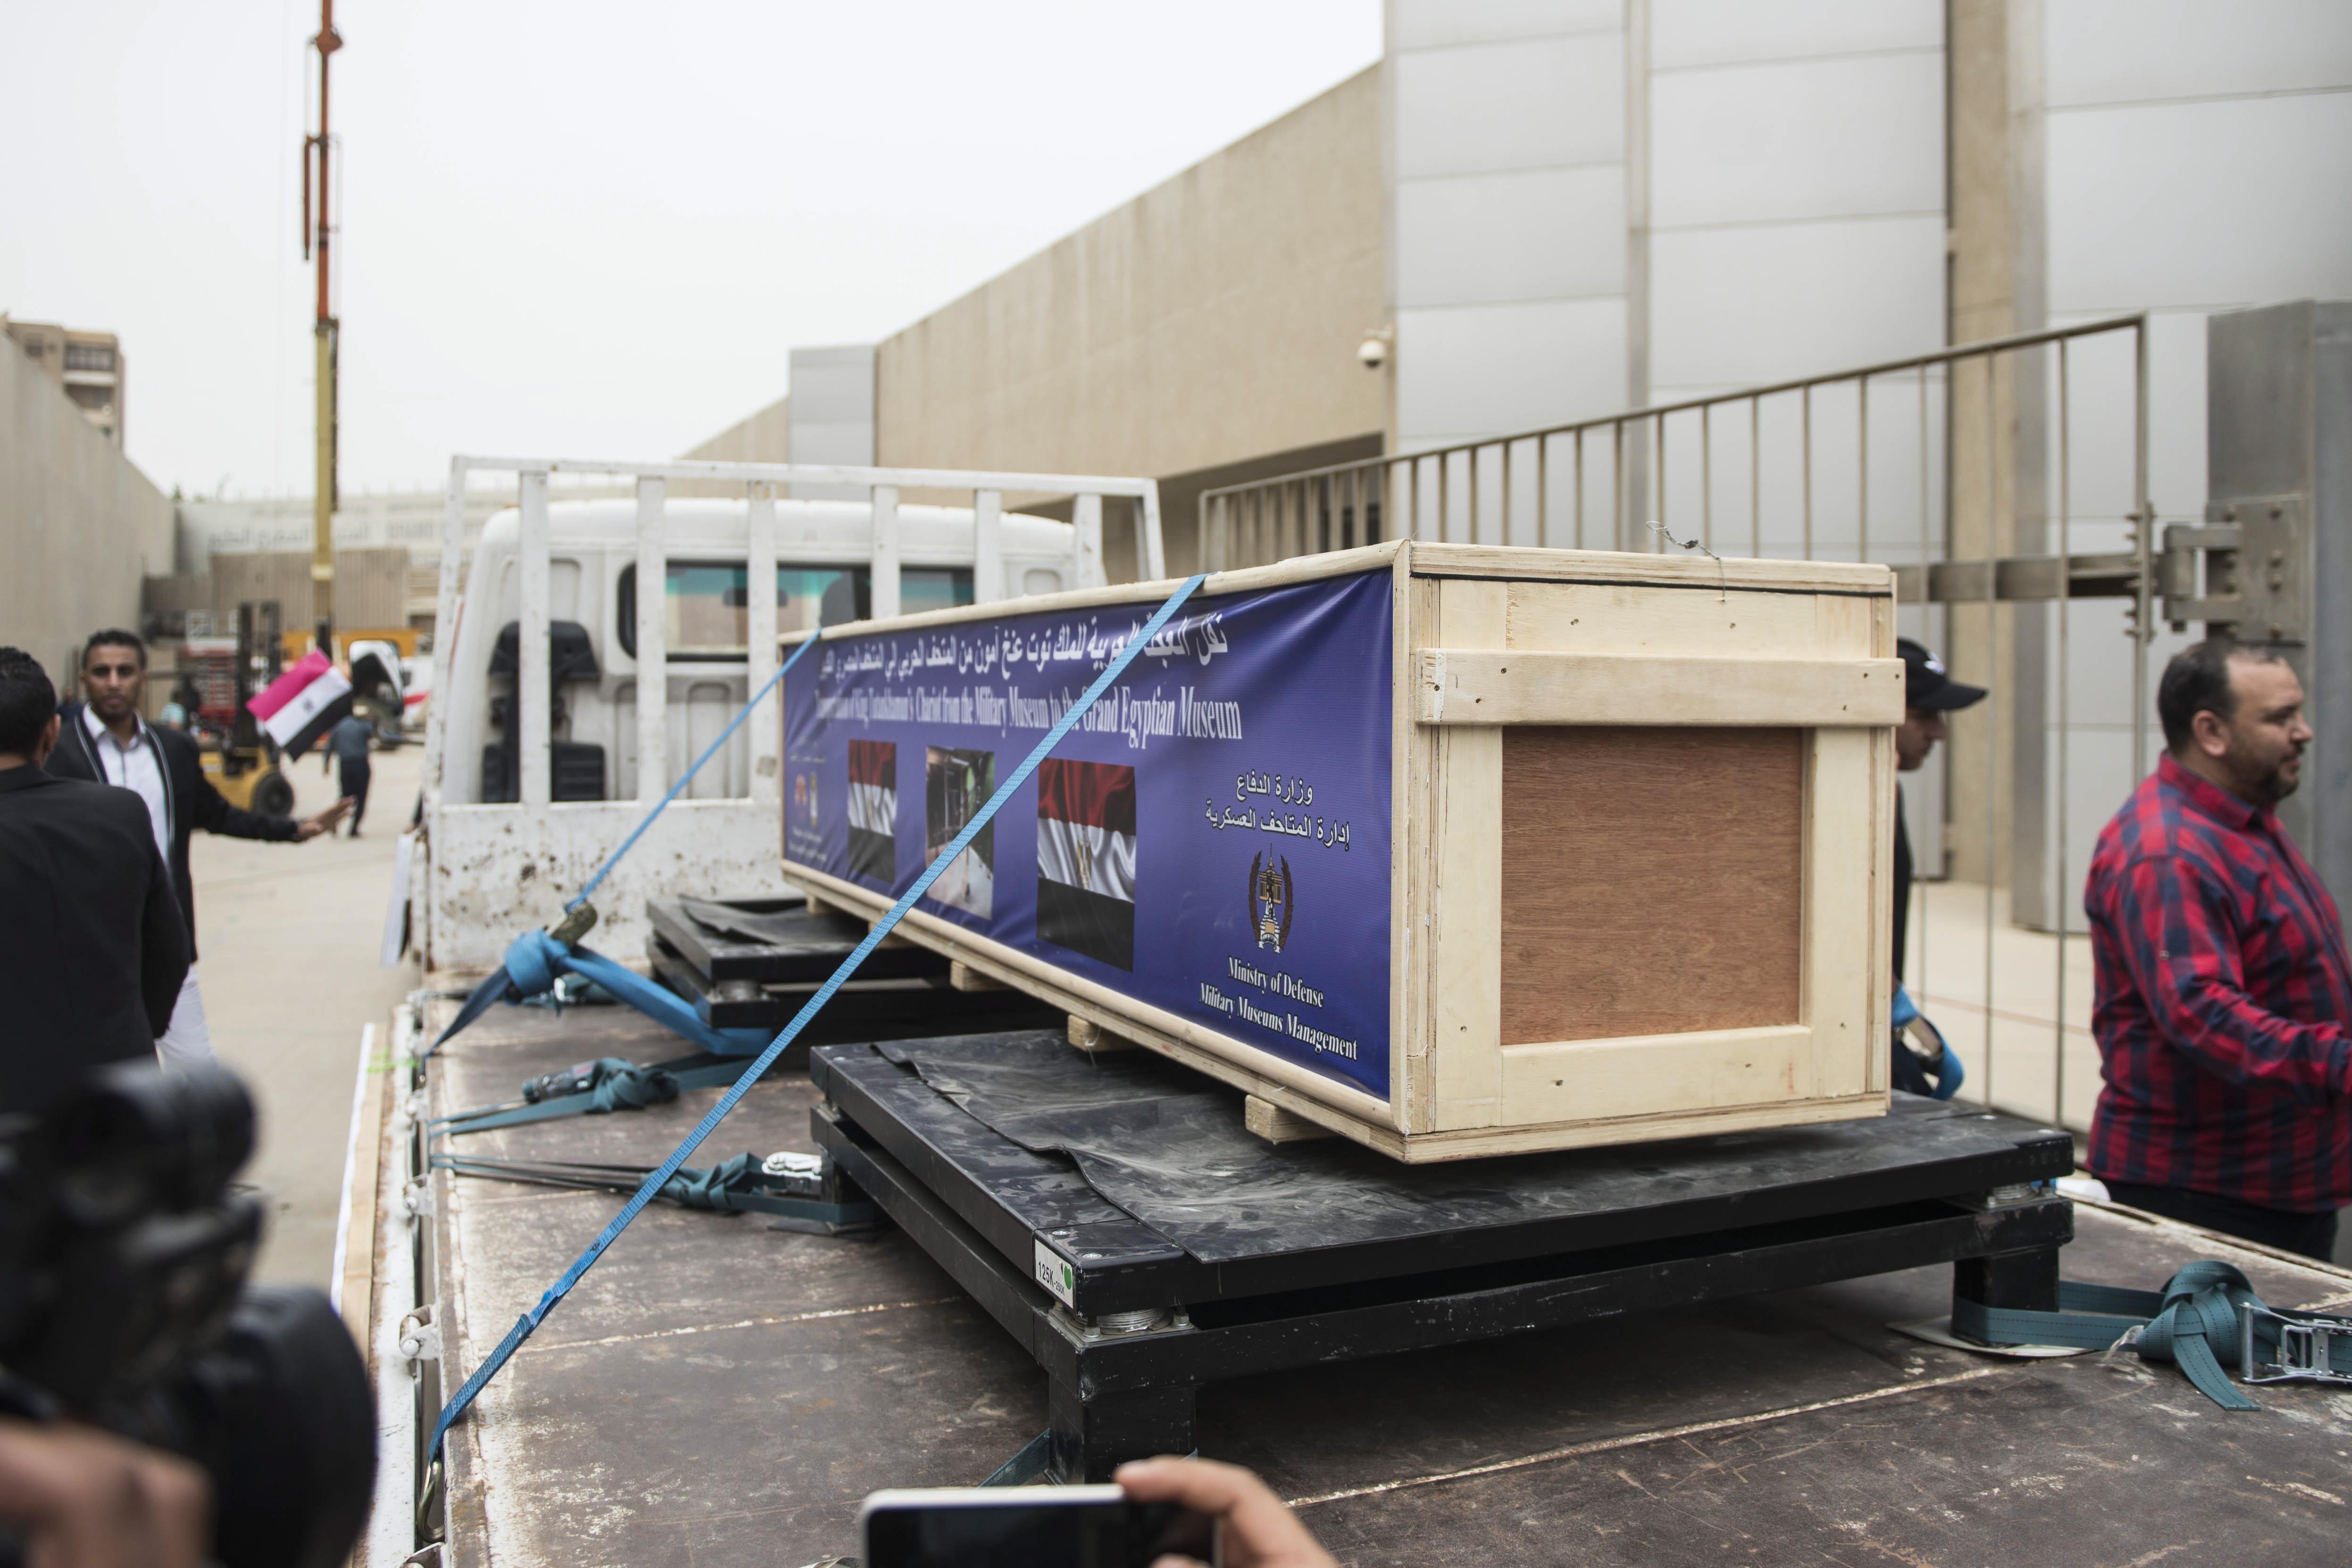 Tutankamonove kočije preseljene u novi egipatski muzej